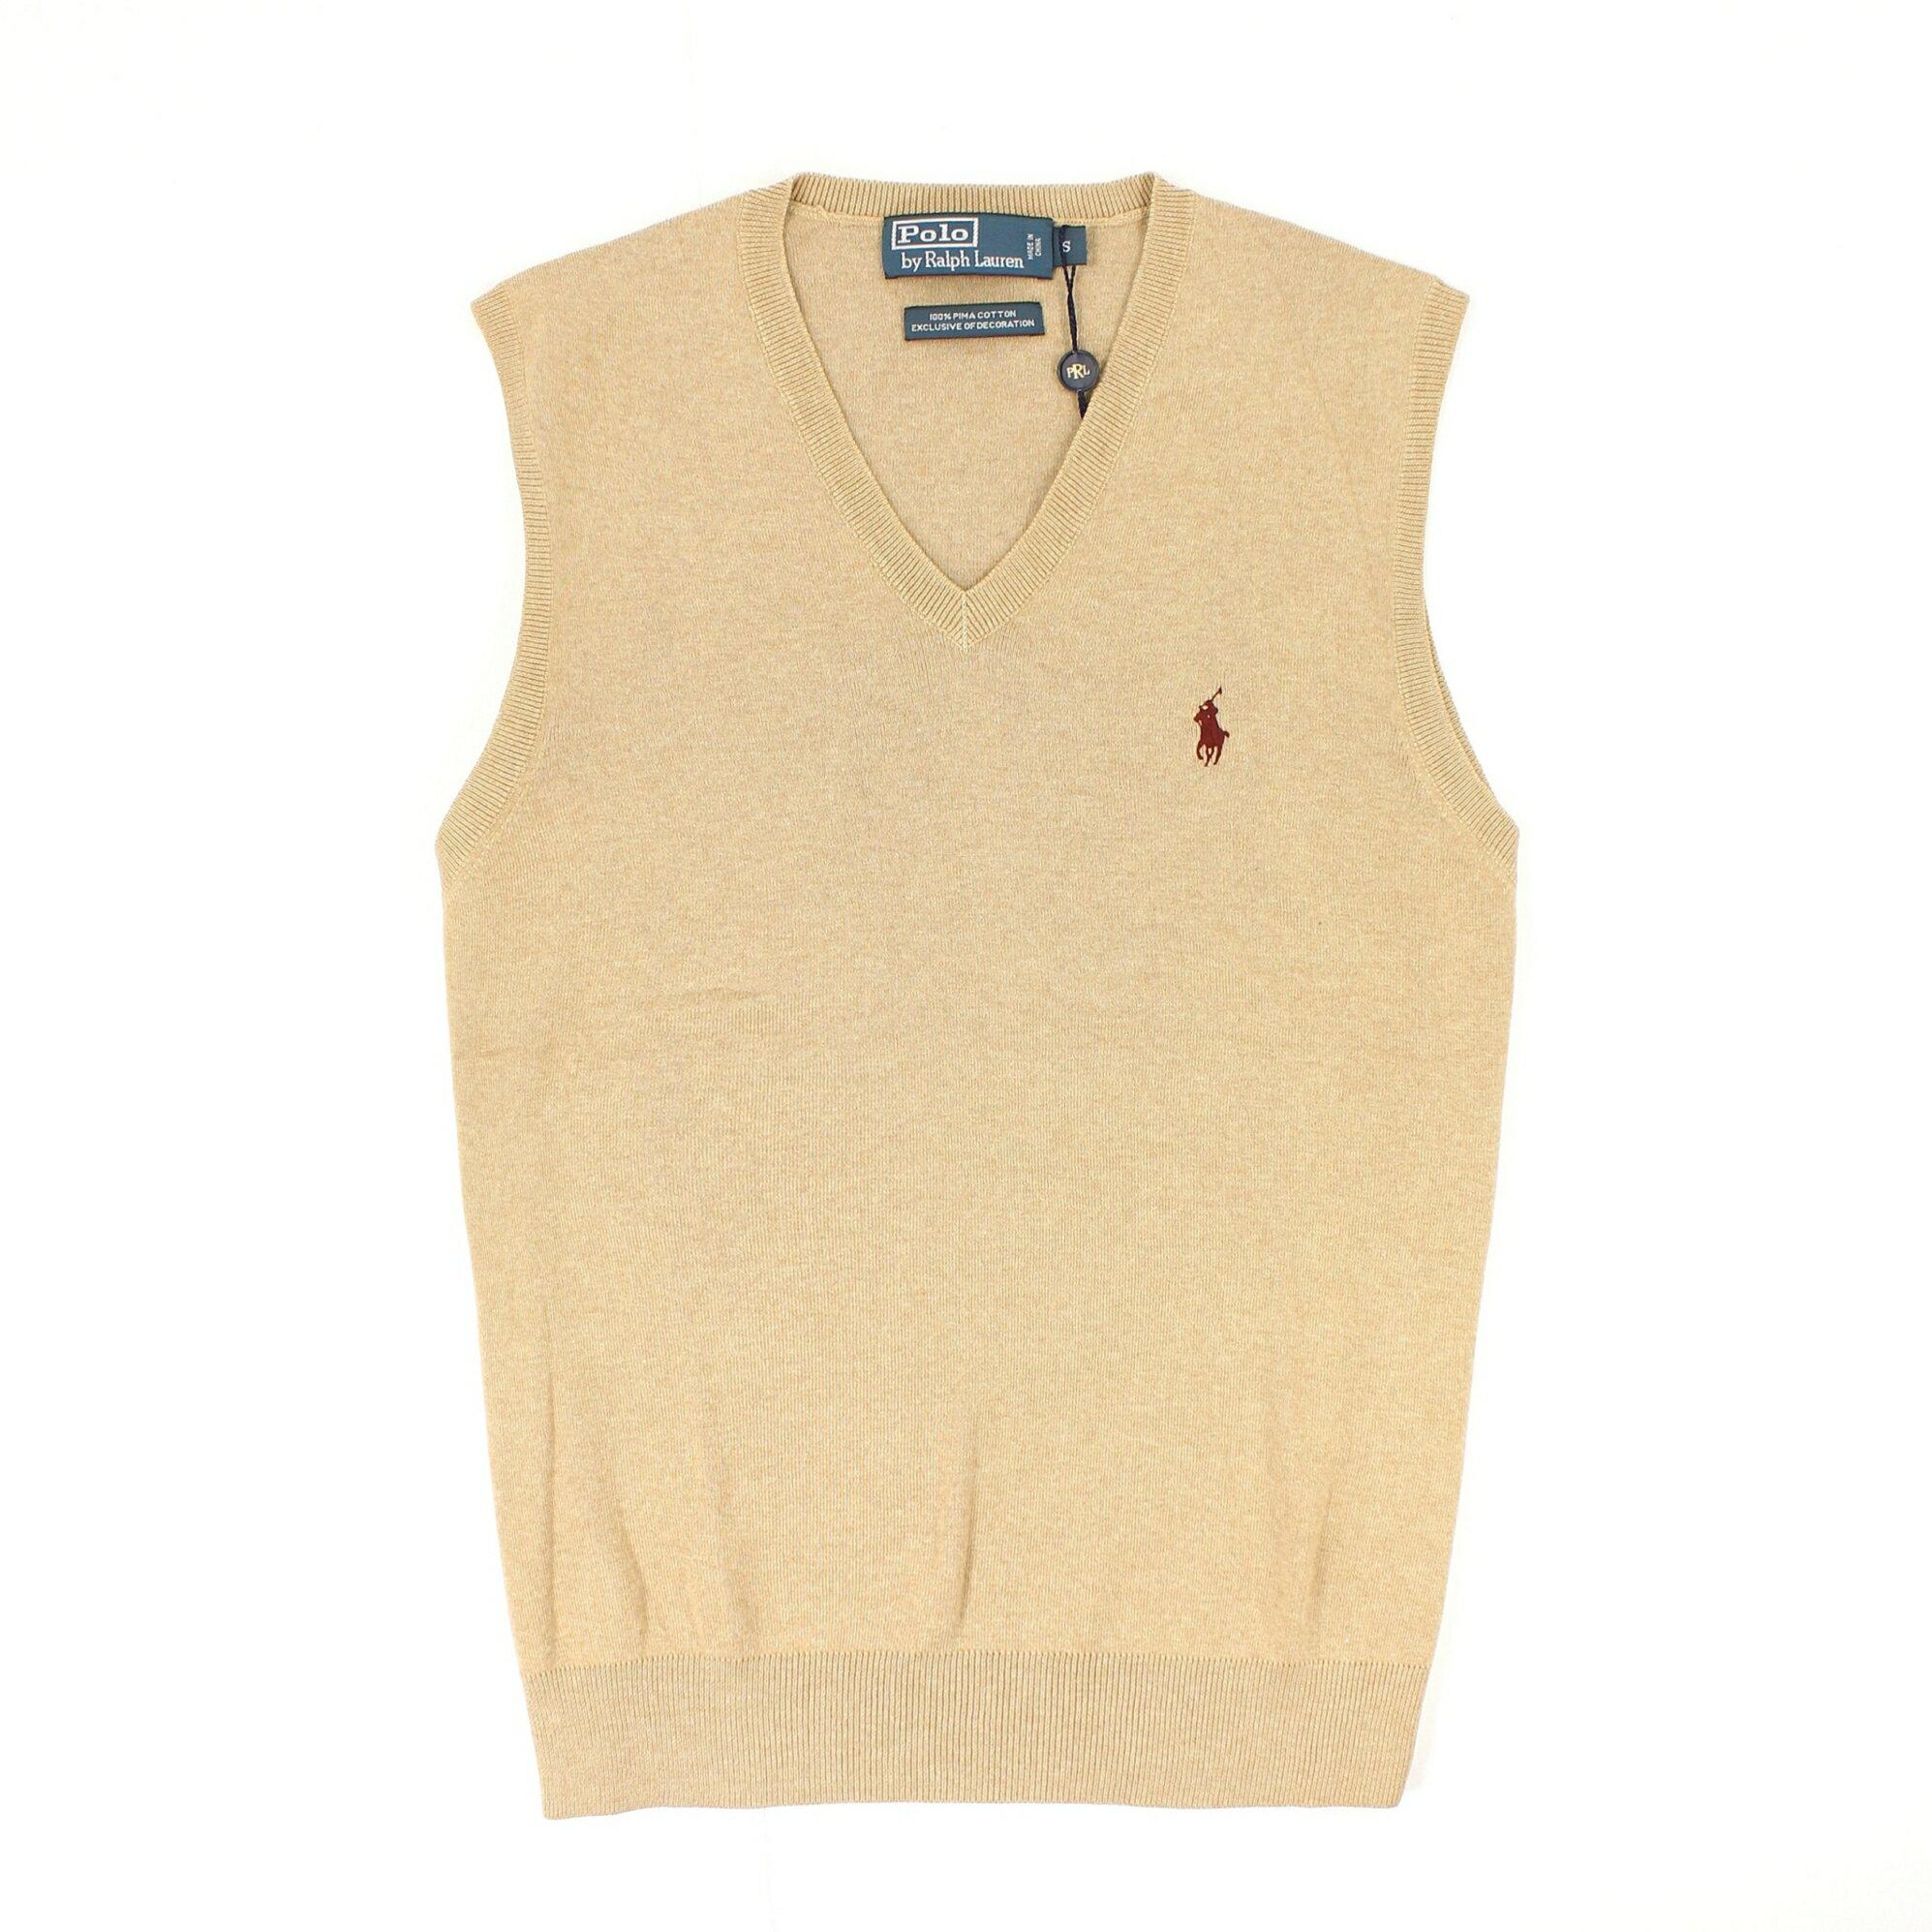 美國百分百【全新真品】Ralph Lauren 背心 RL 針織衫 線衫 上衣 Polo 小馬 駝 V領 純棉 男 S M號